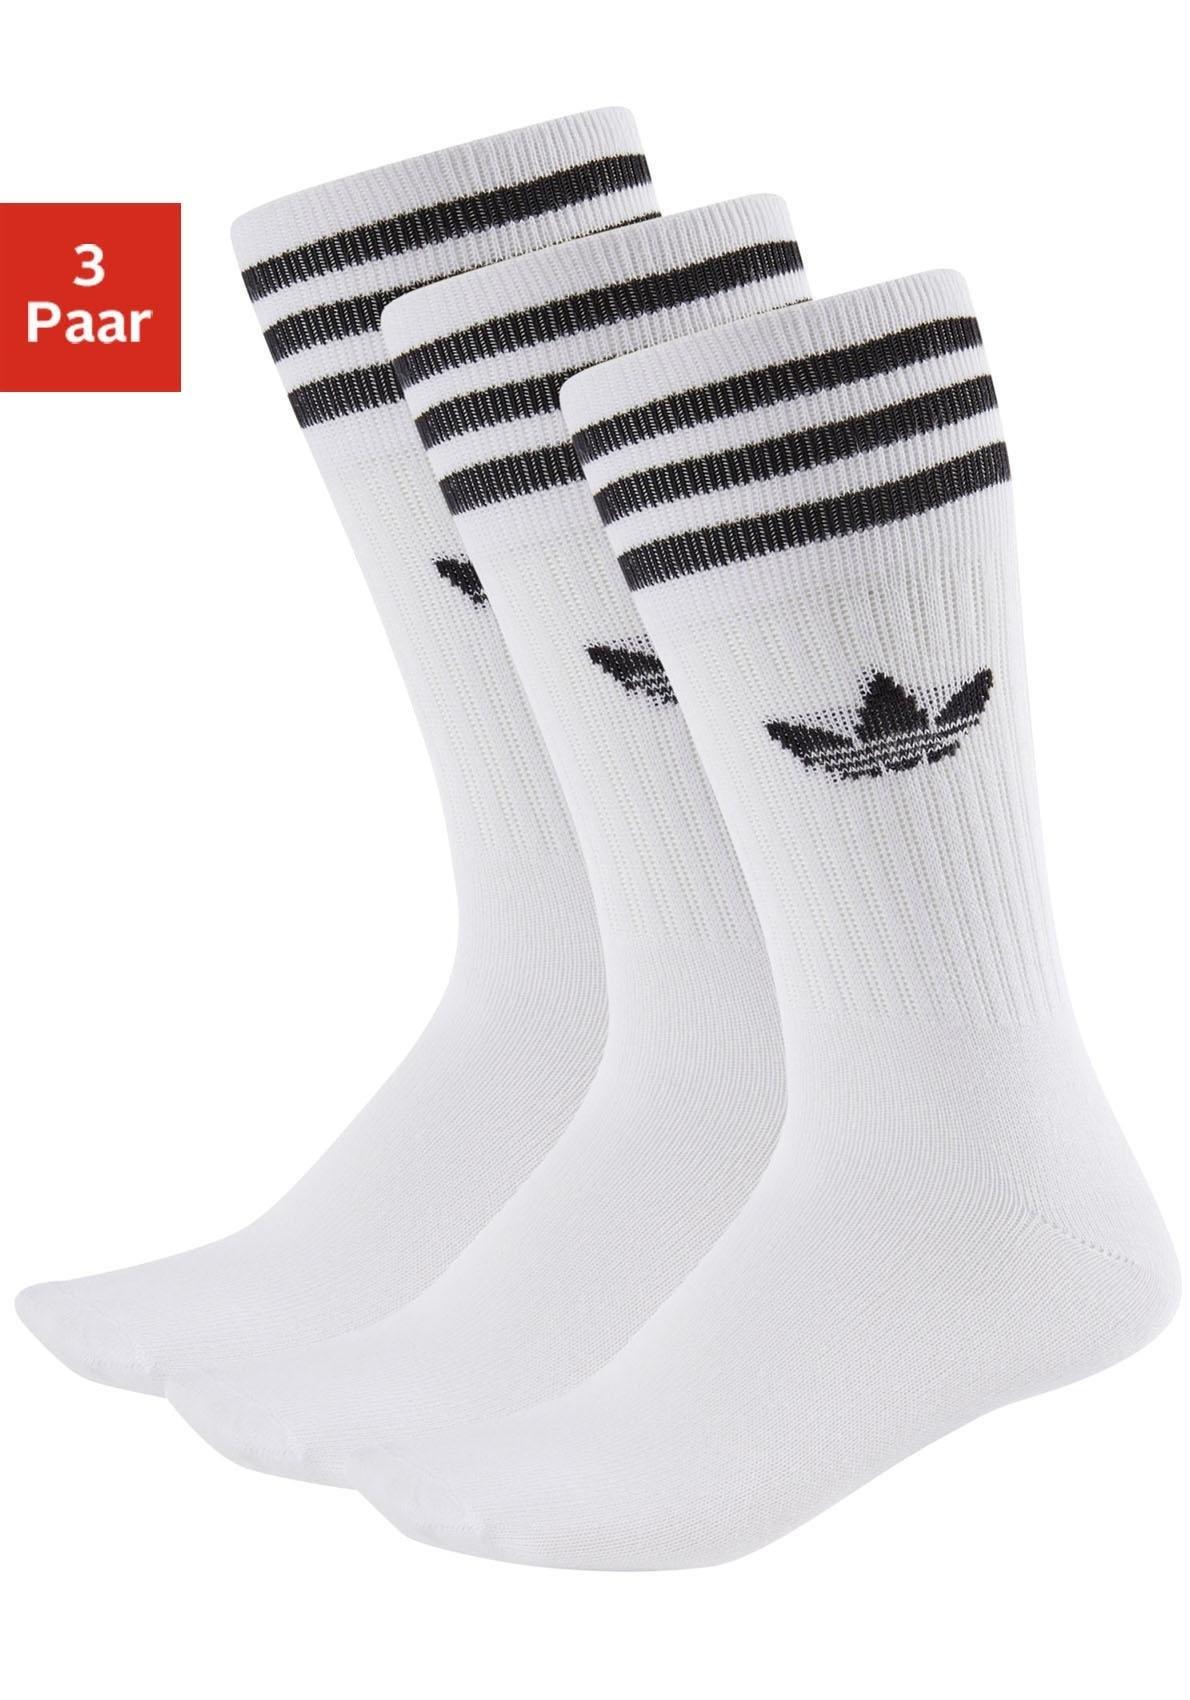 adidas Originals sokken CREW met klassiek merk en strepen (3 paar) online kopen op lascana.nl